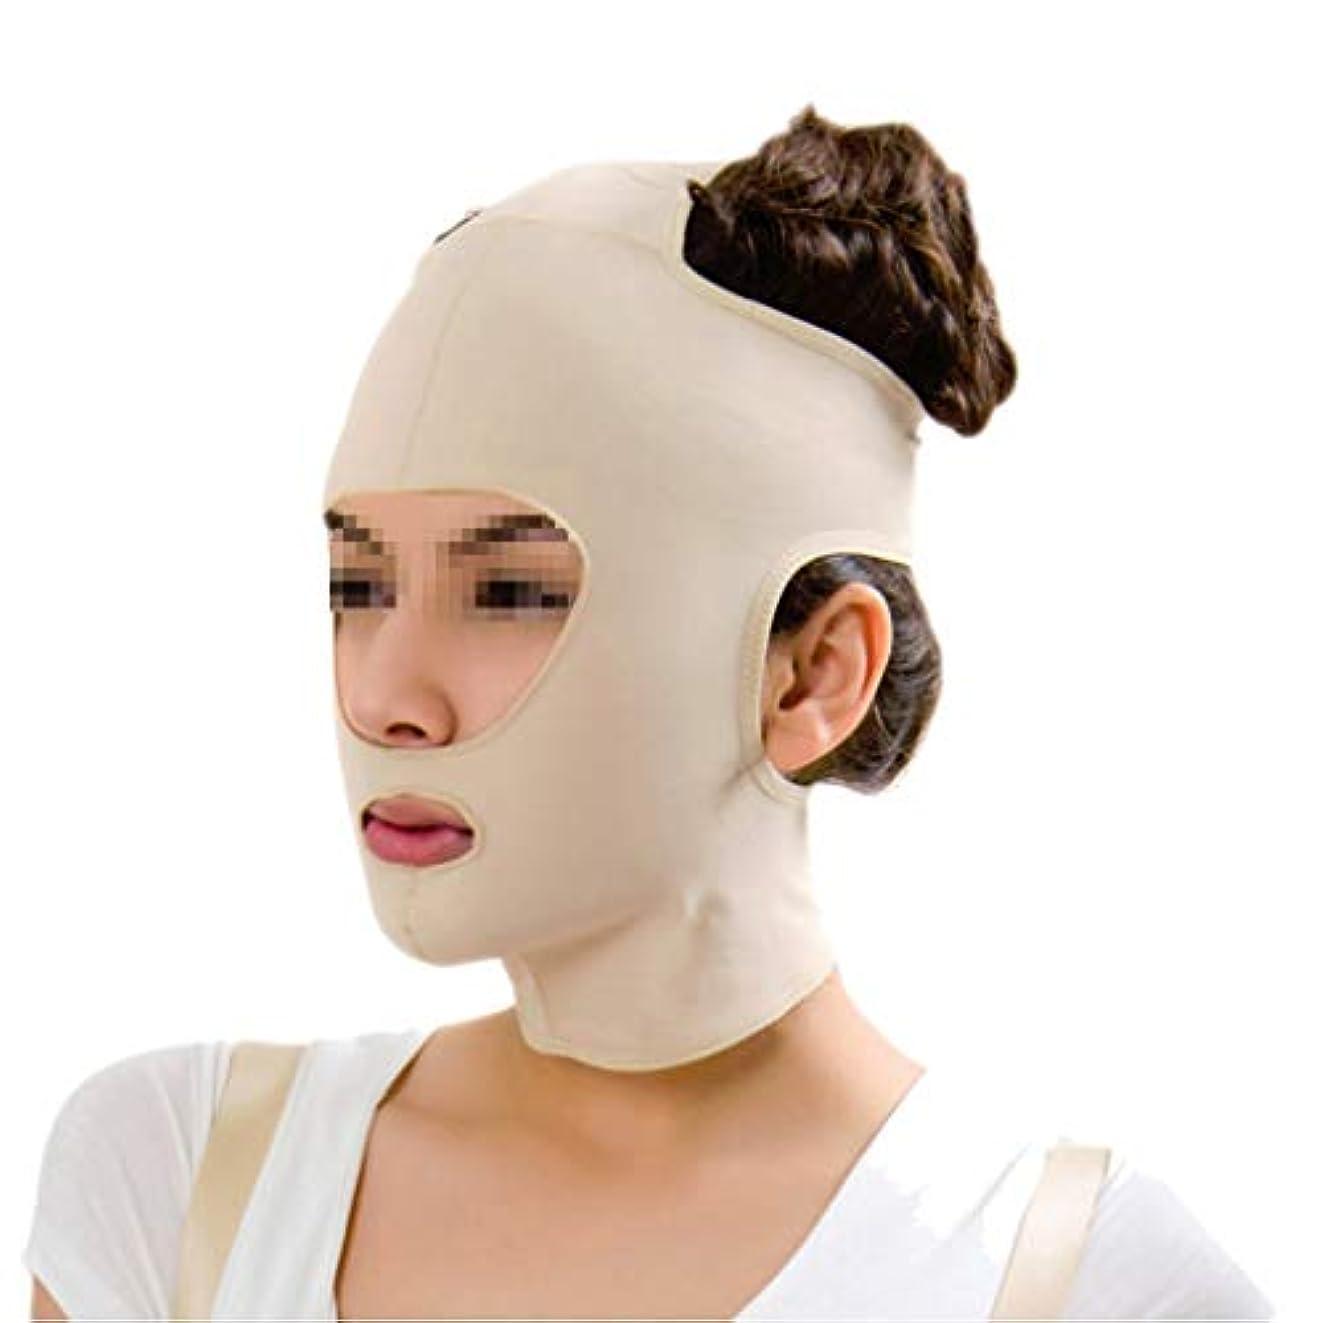 不健康運ぶ民間人フェイスリフトマスク、フルフェイスマスク医療グレード圧力フェイスダブルチンプラスチック脂肪吸引術弾性包帯ヘッドギア後の顔の脂肪吸引術 (Size : XXL)